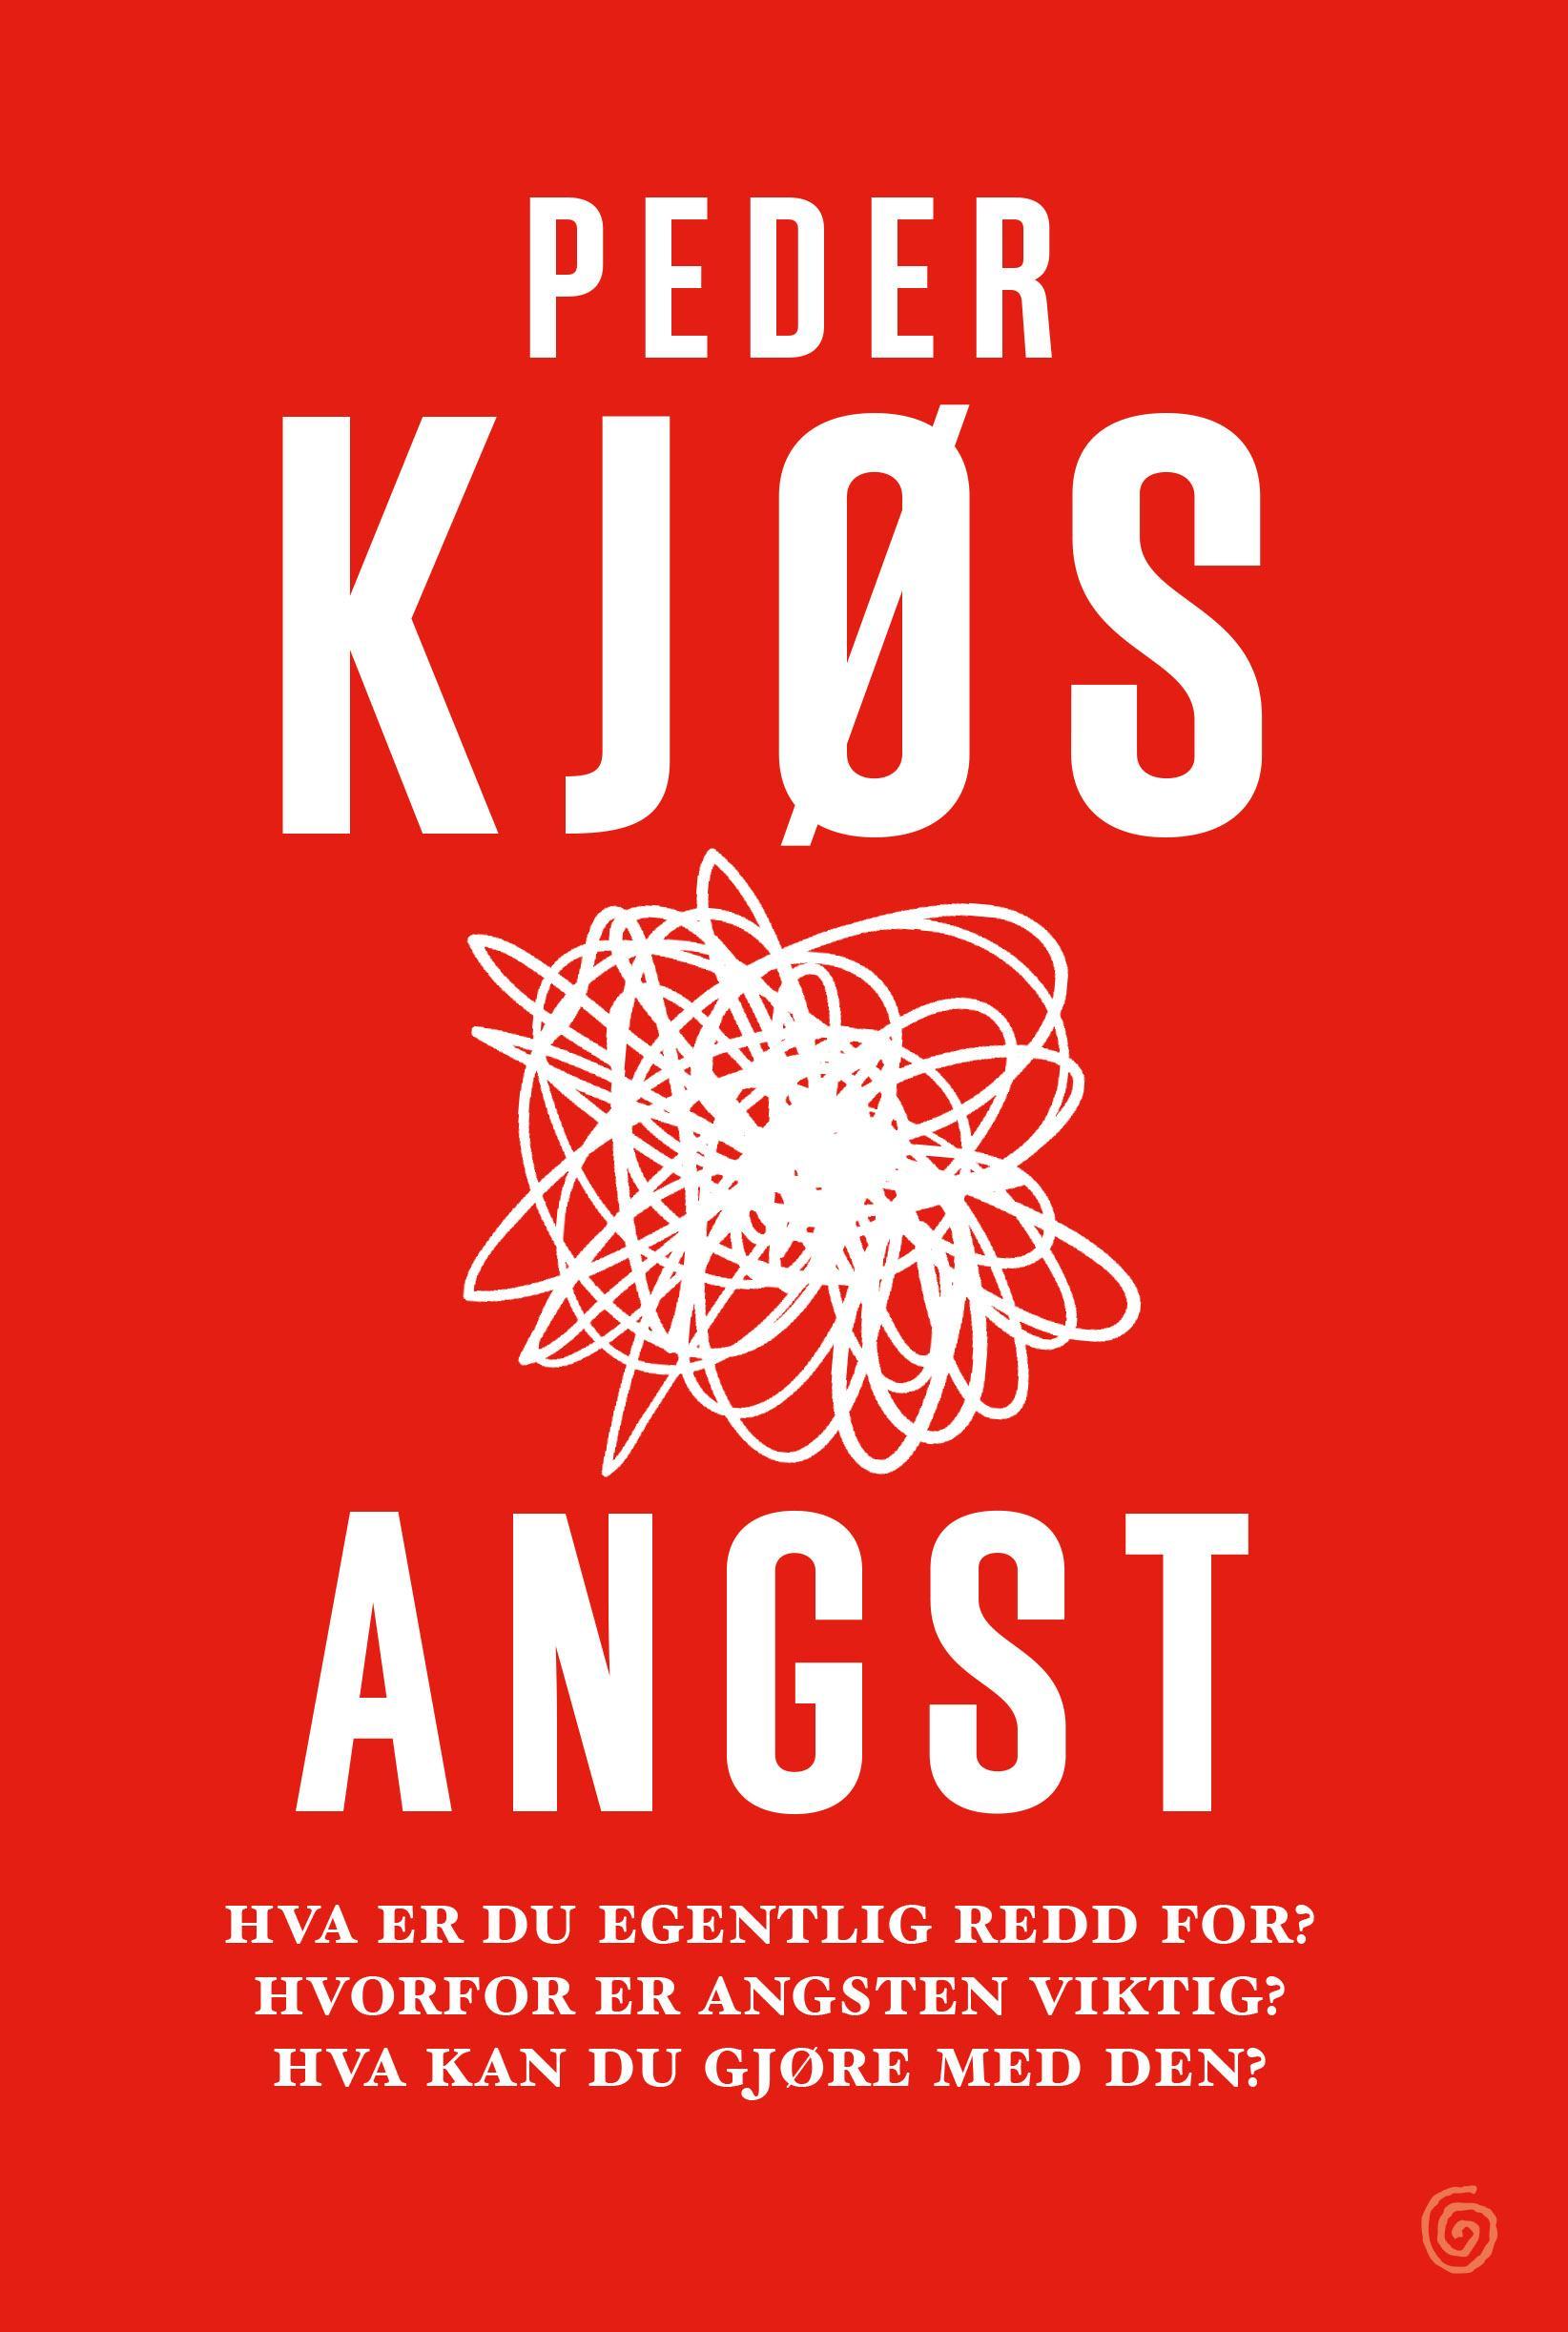 """""""Angst - hva er du redd for? Hvorfor er angsten viktig? Hva kan du gjøre med den?"""" av Peder Kjøs"""